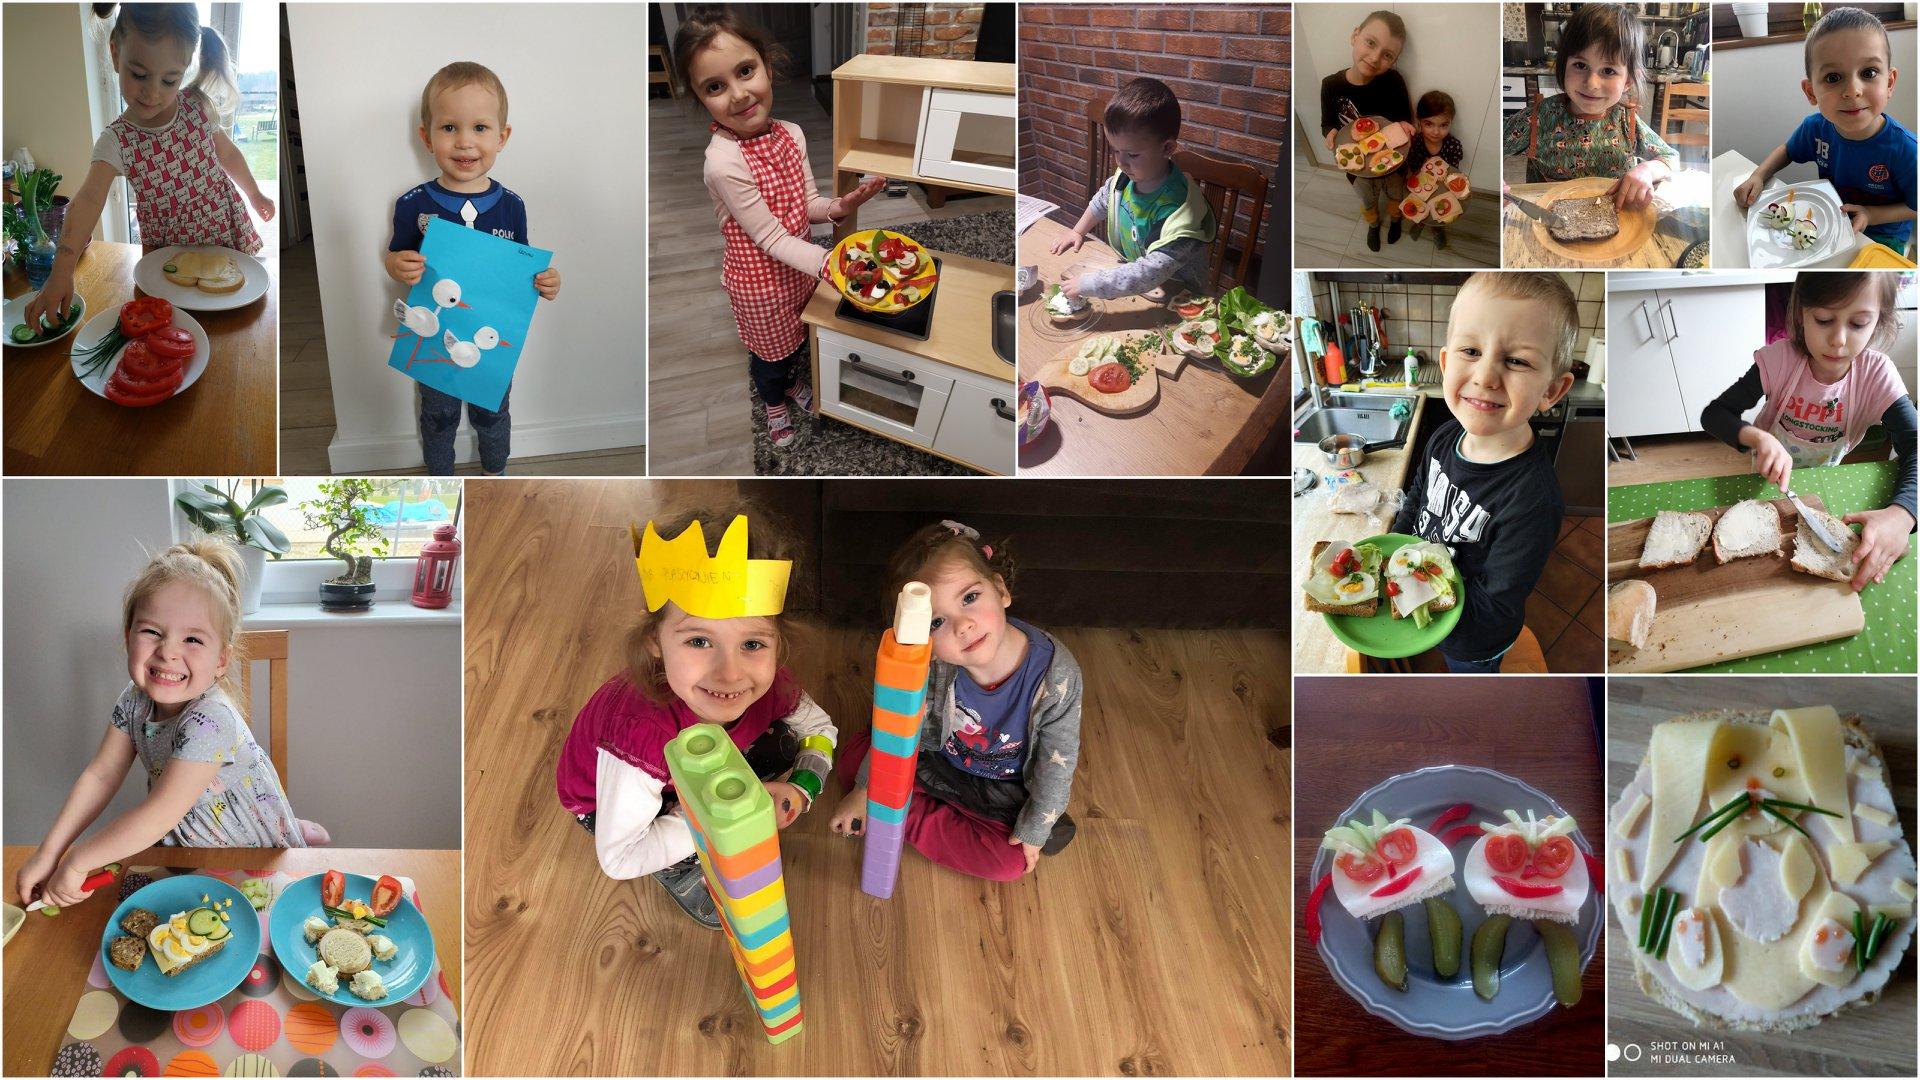 Na kolażu z 13 zdjęć znajdują się dzieci prezentujące przygotowane przez siebie kolorowe kanapki, a także prace plastyczne i budowle z klocków.